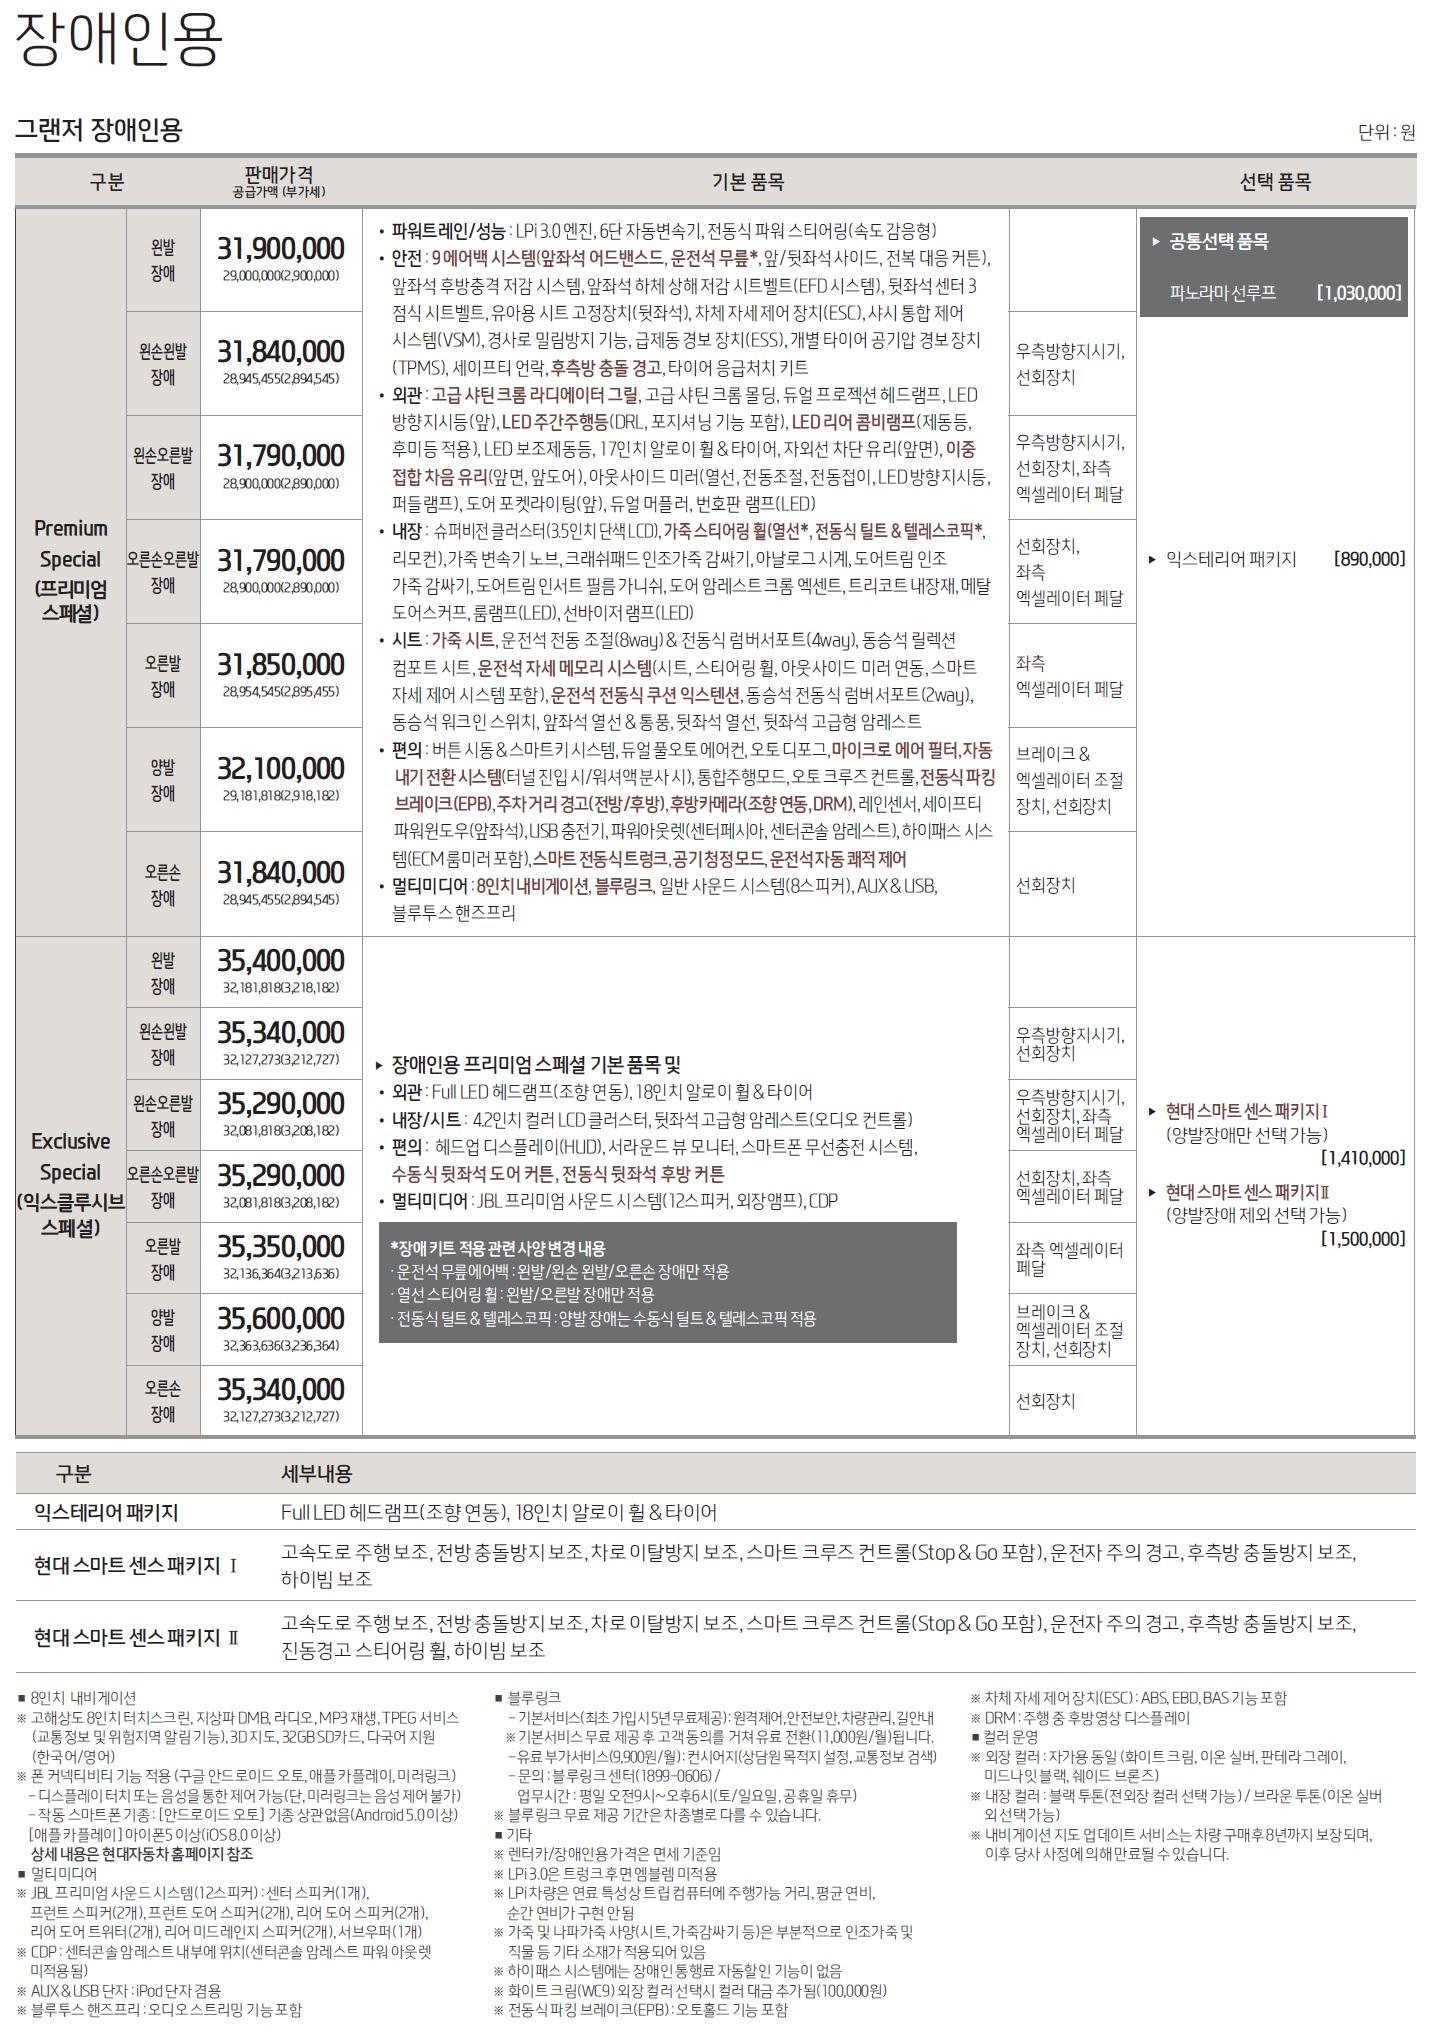 그랜저IG 가격표 - 2019년형 (2018년 10월) -3.jpg